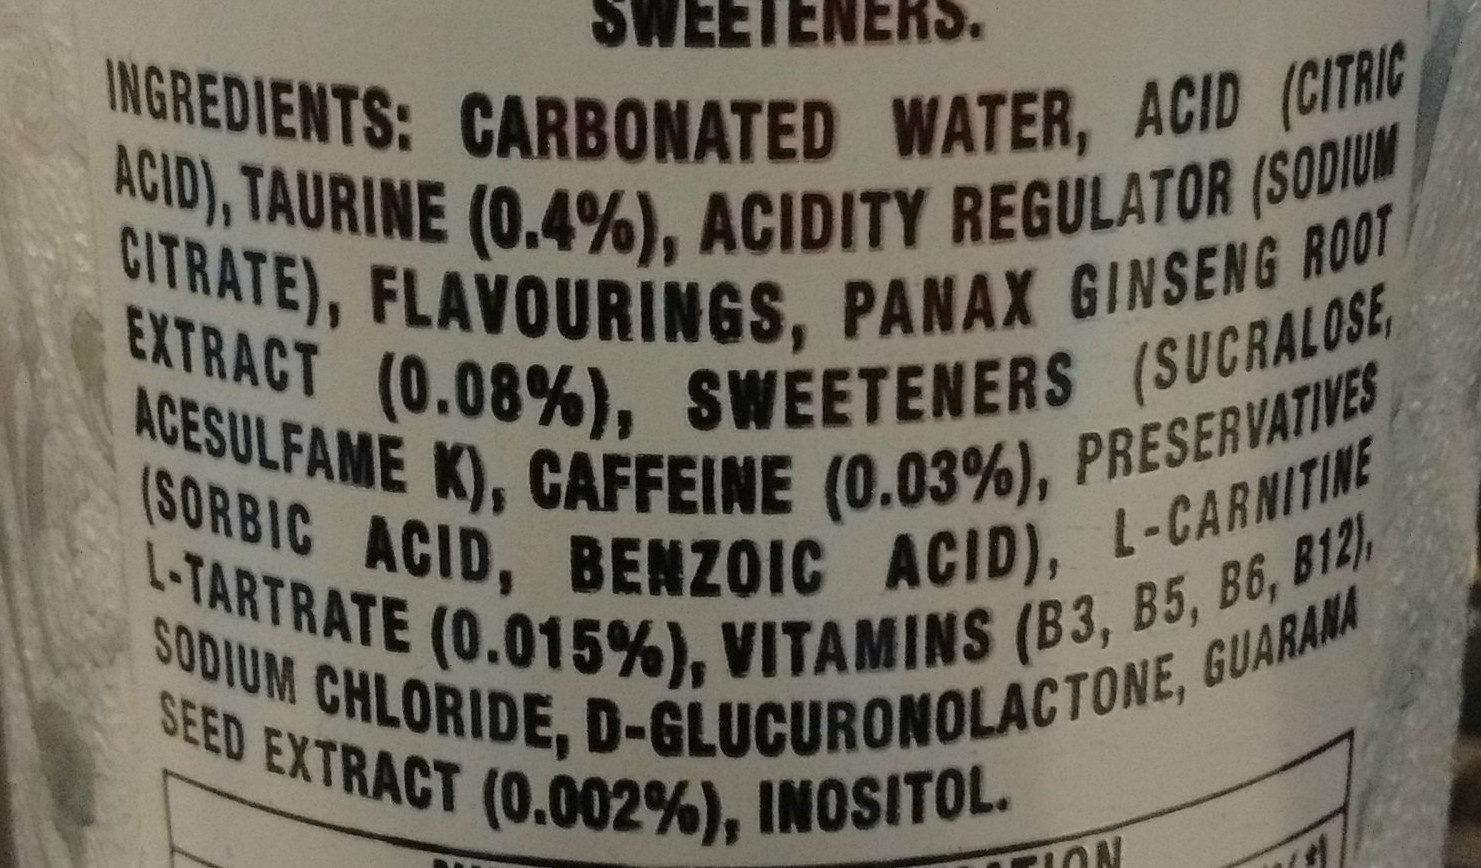 Monster Energy Ultra - Ingredients